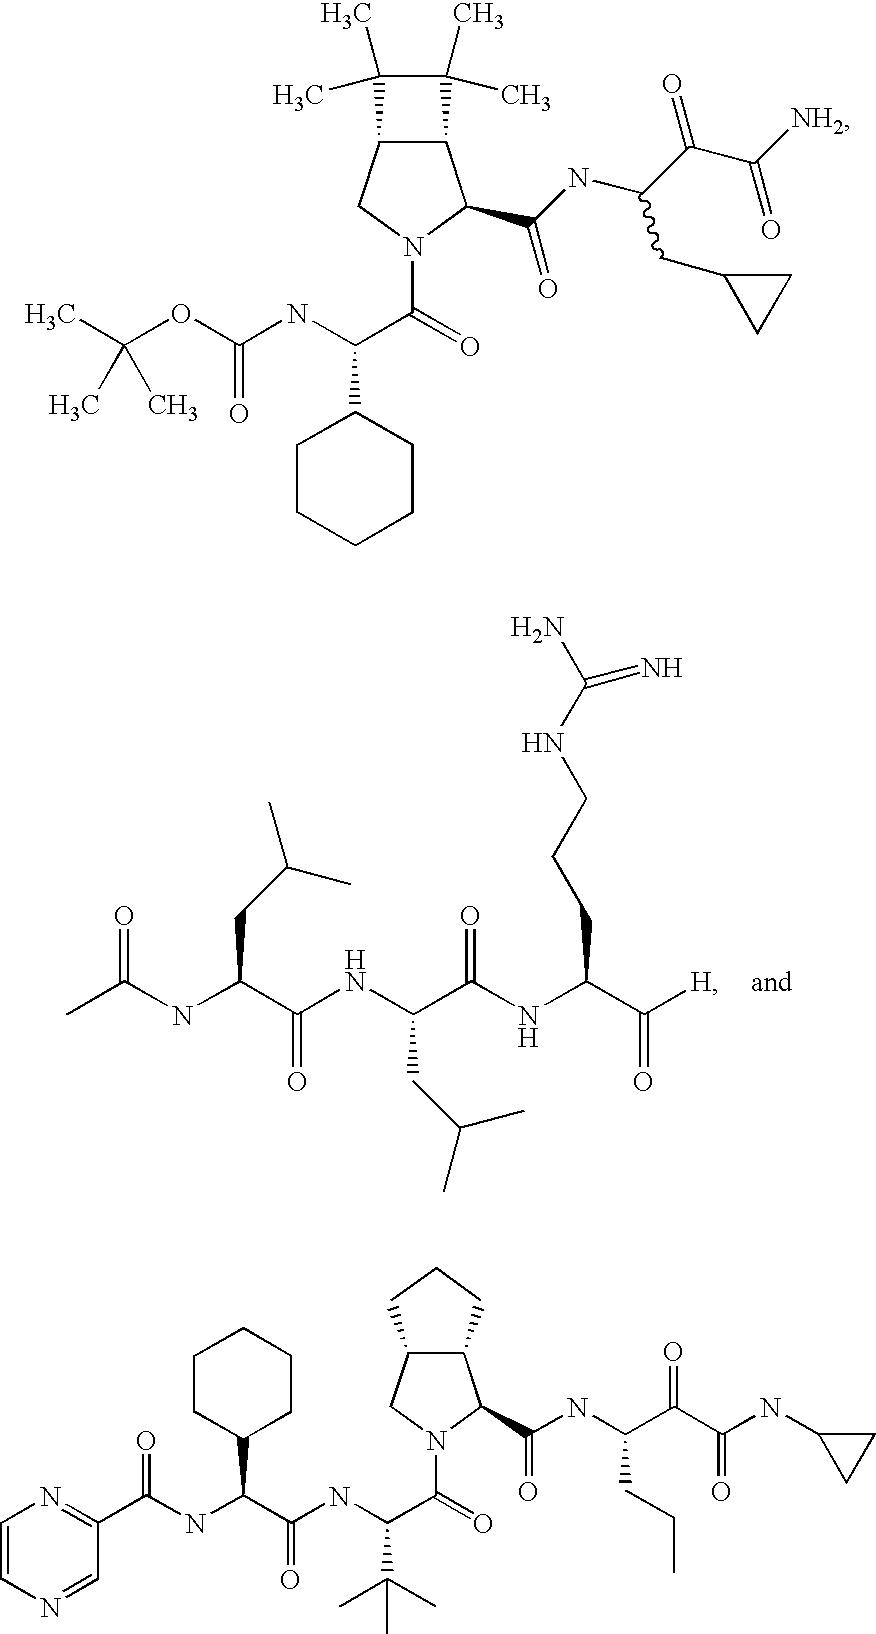 Figure US20060276404A1-20061207-C00089